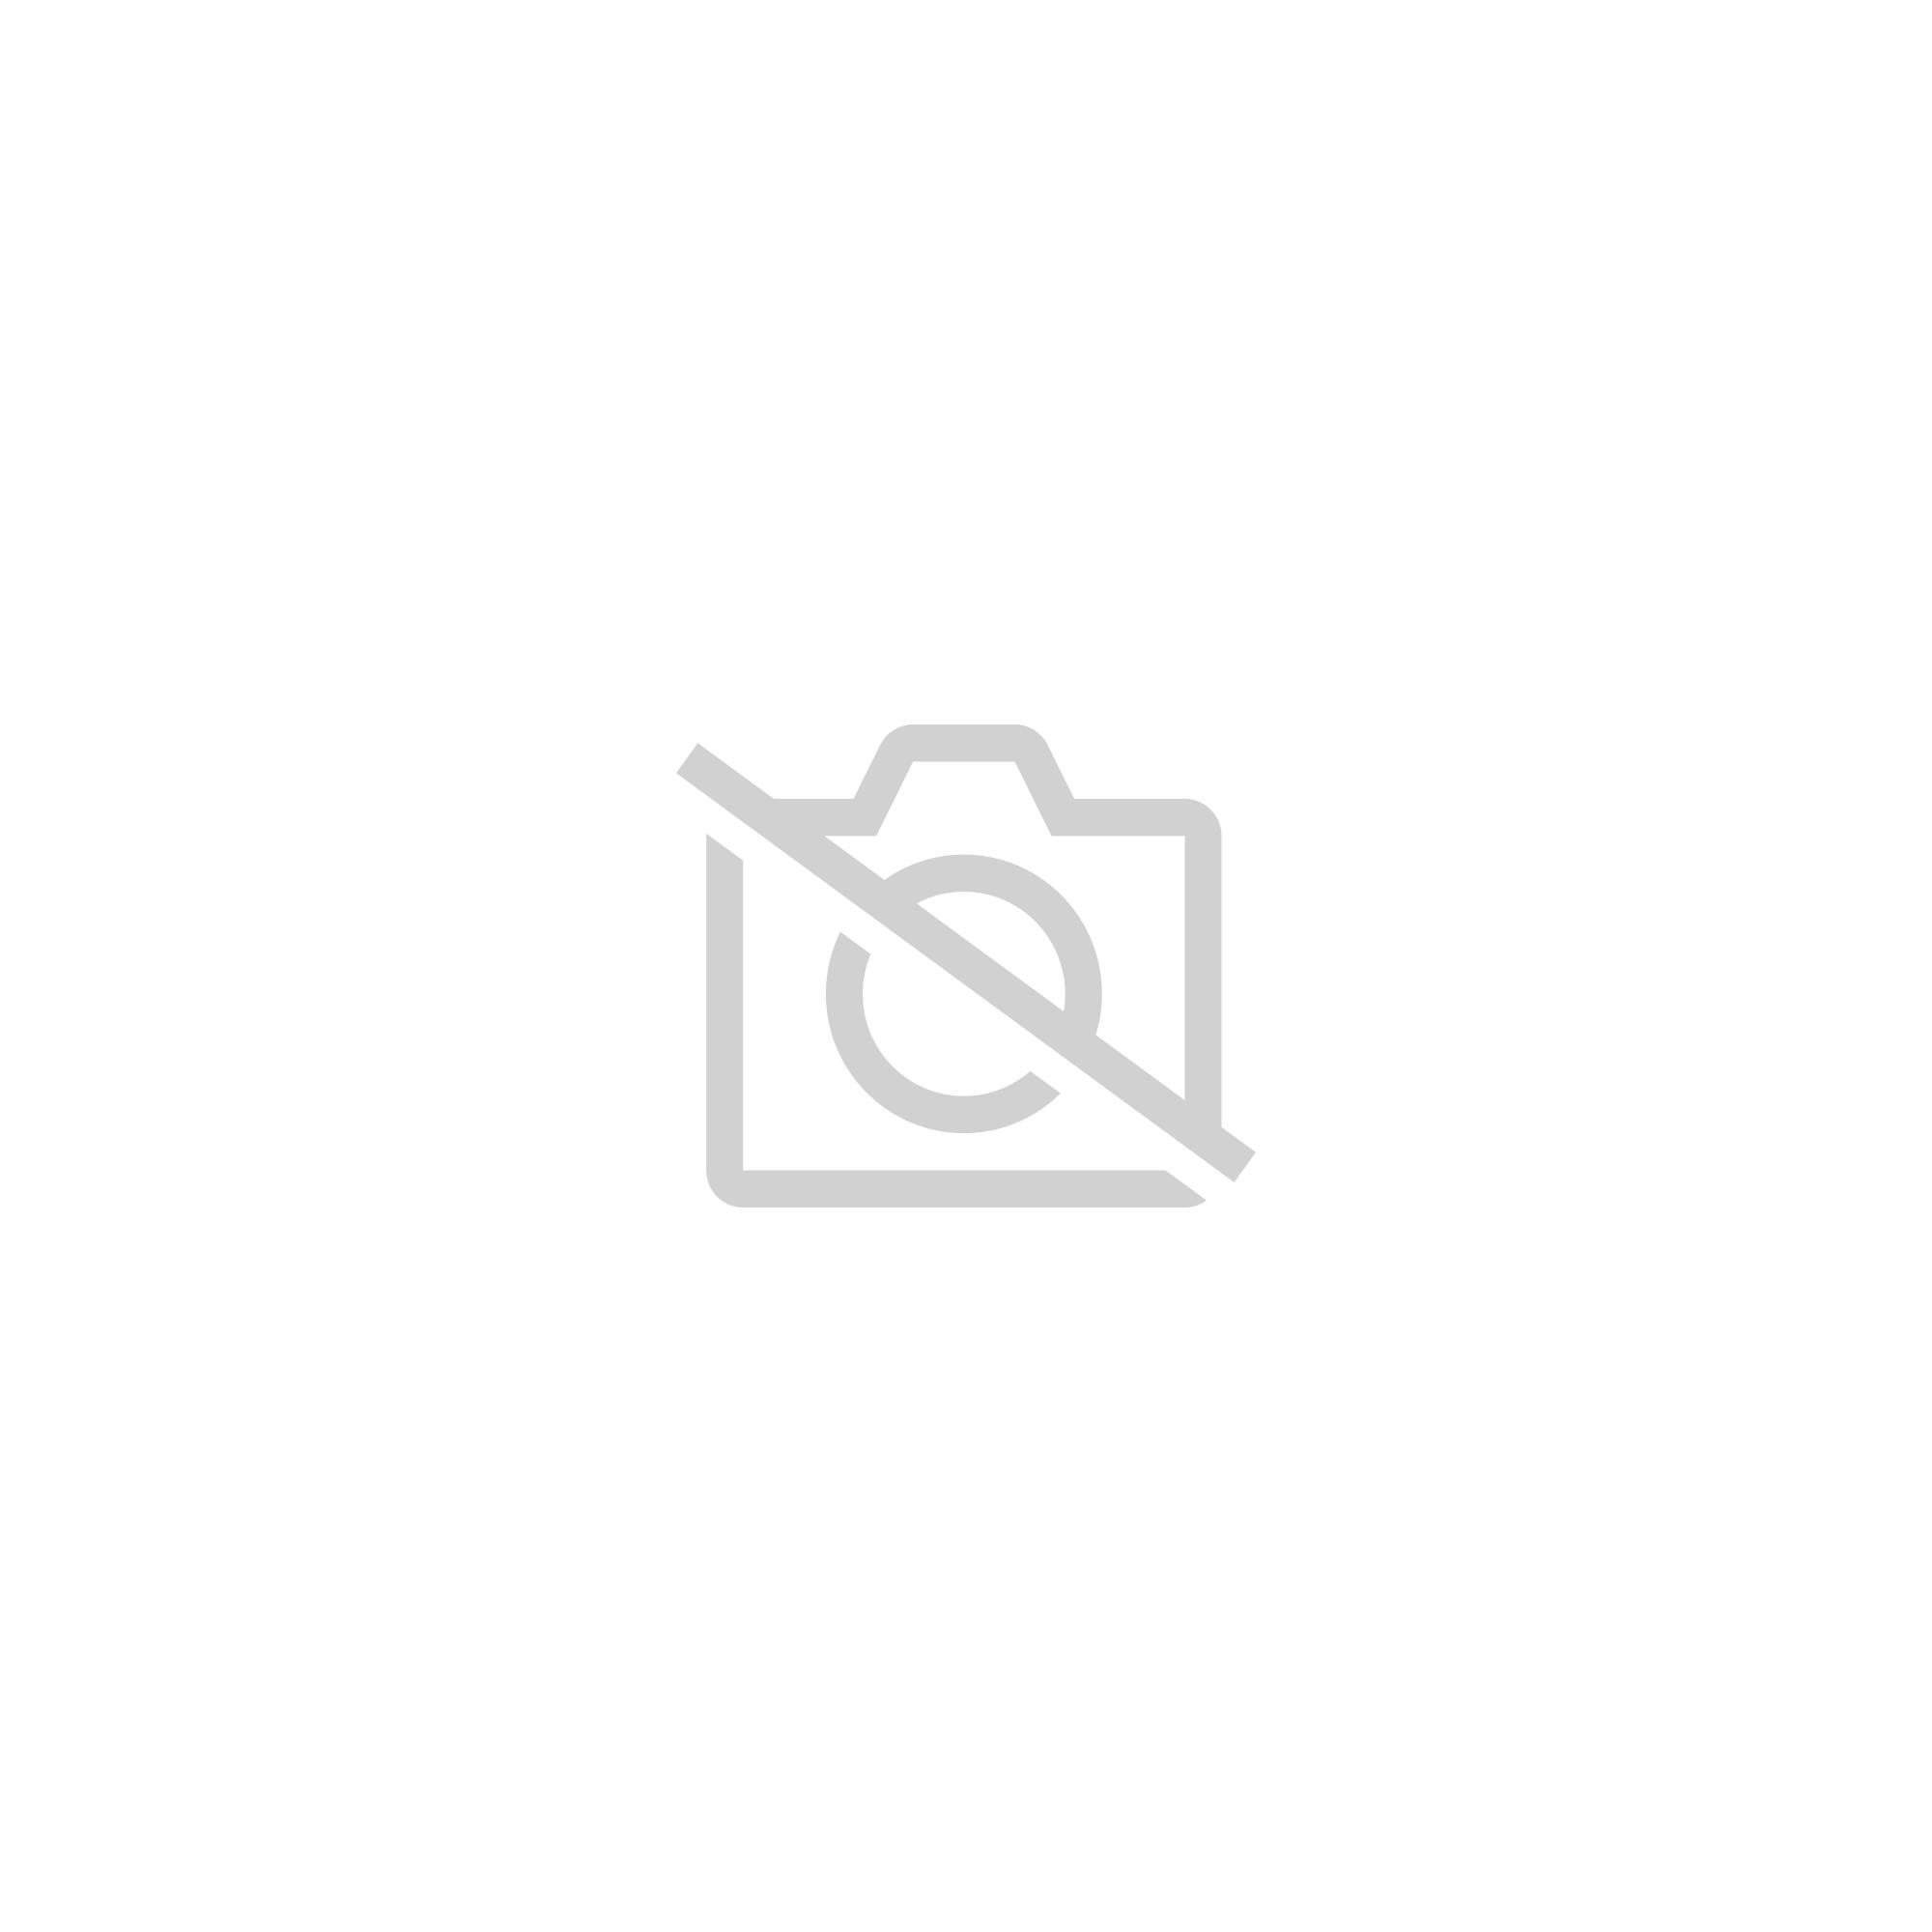 Protège Dent Nike Hyperflow Adulte Noir Red Avec Strap Et Saveur Cerise